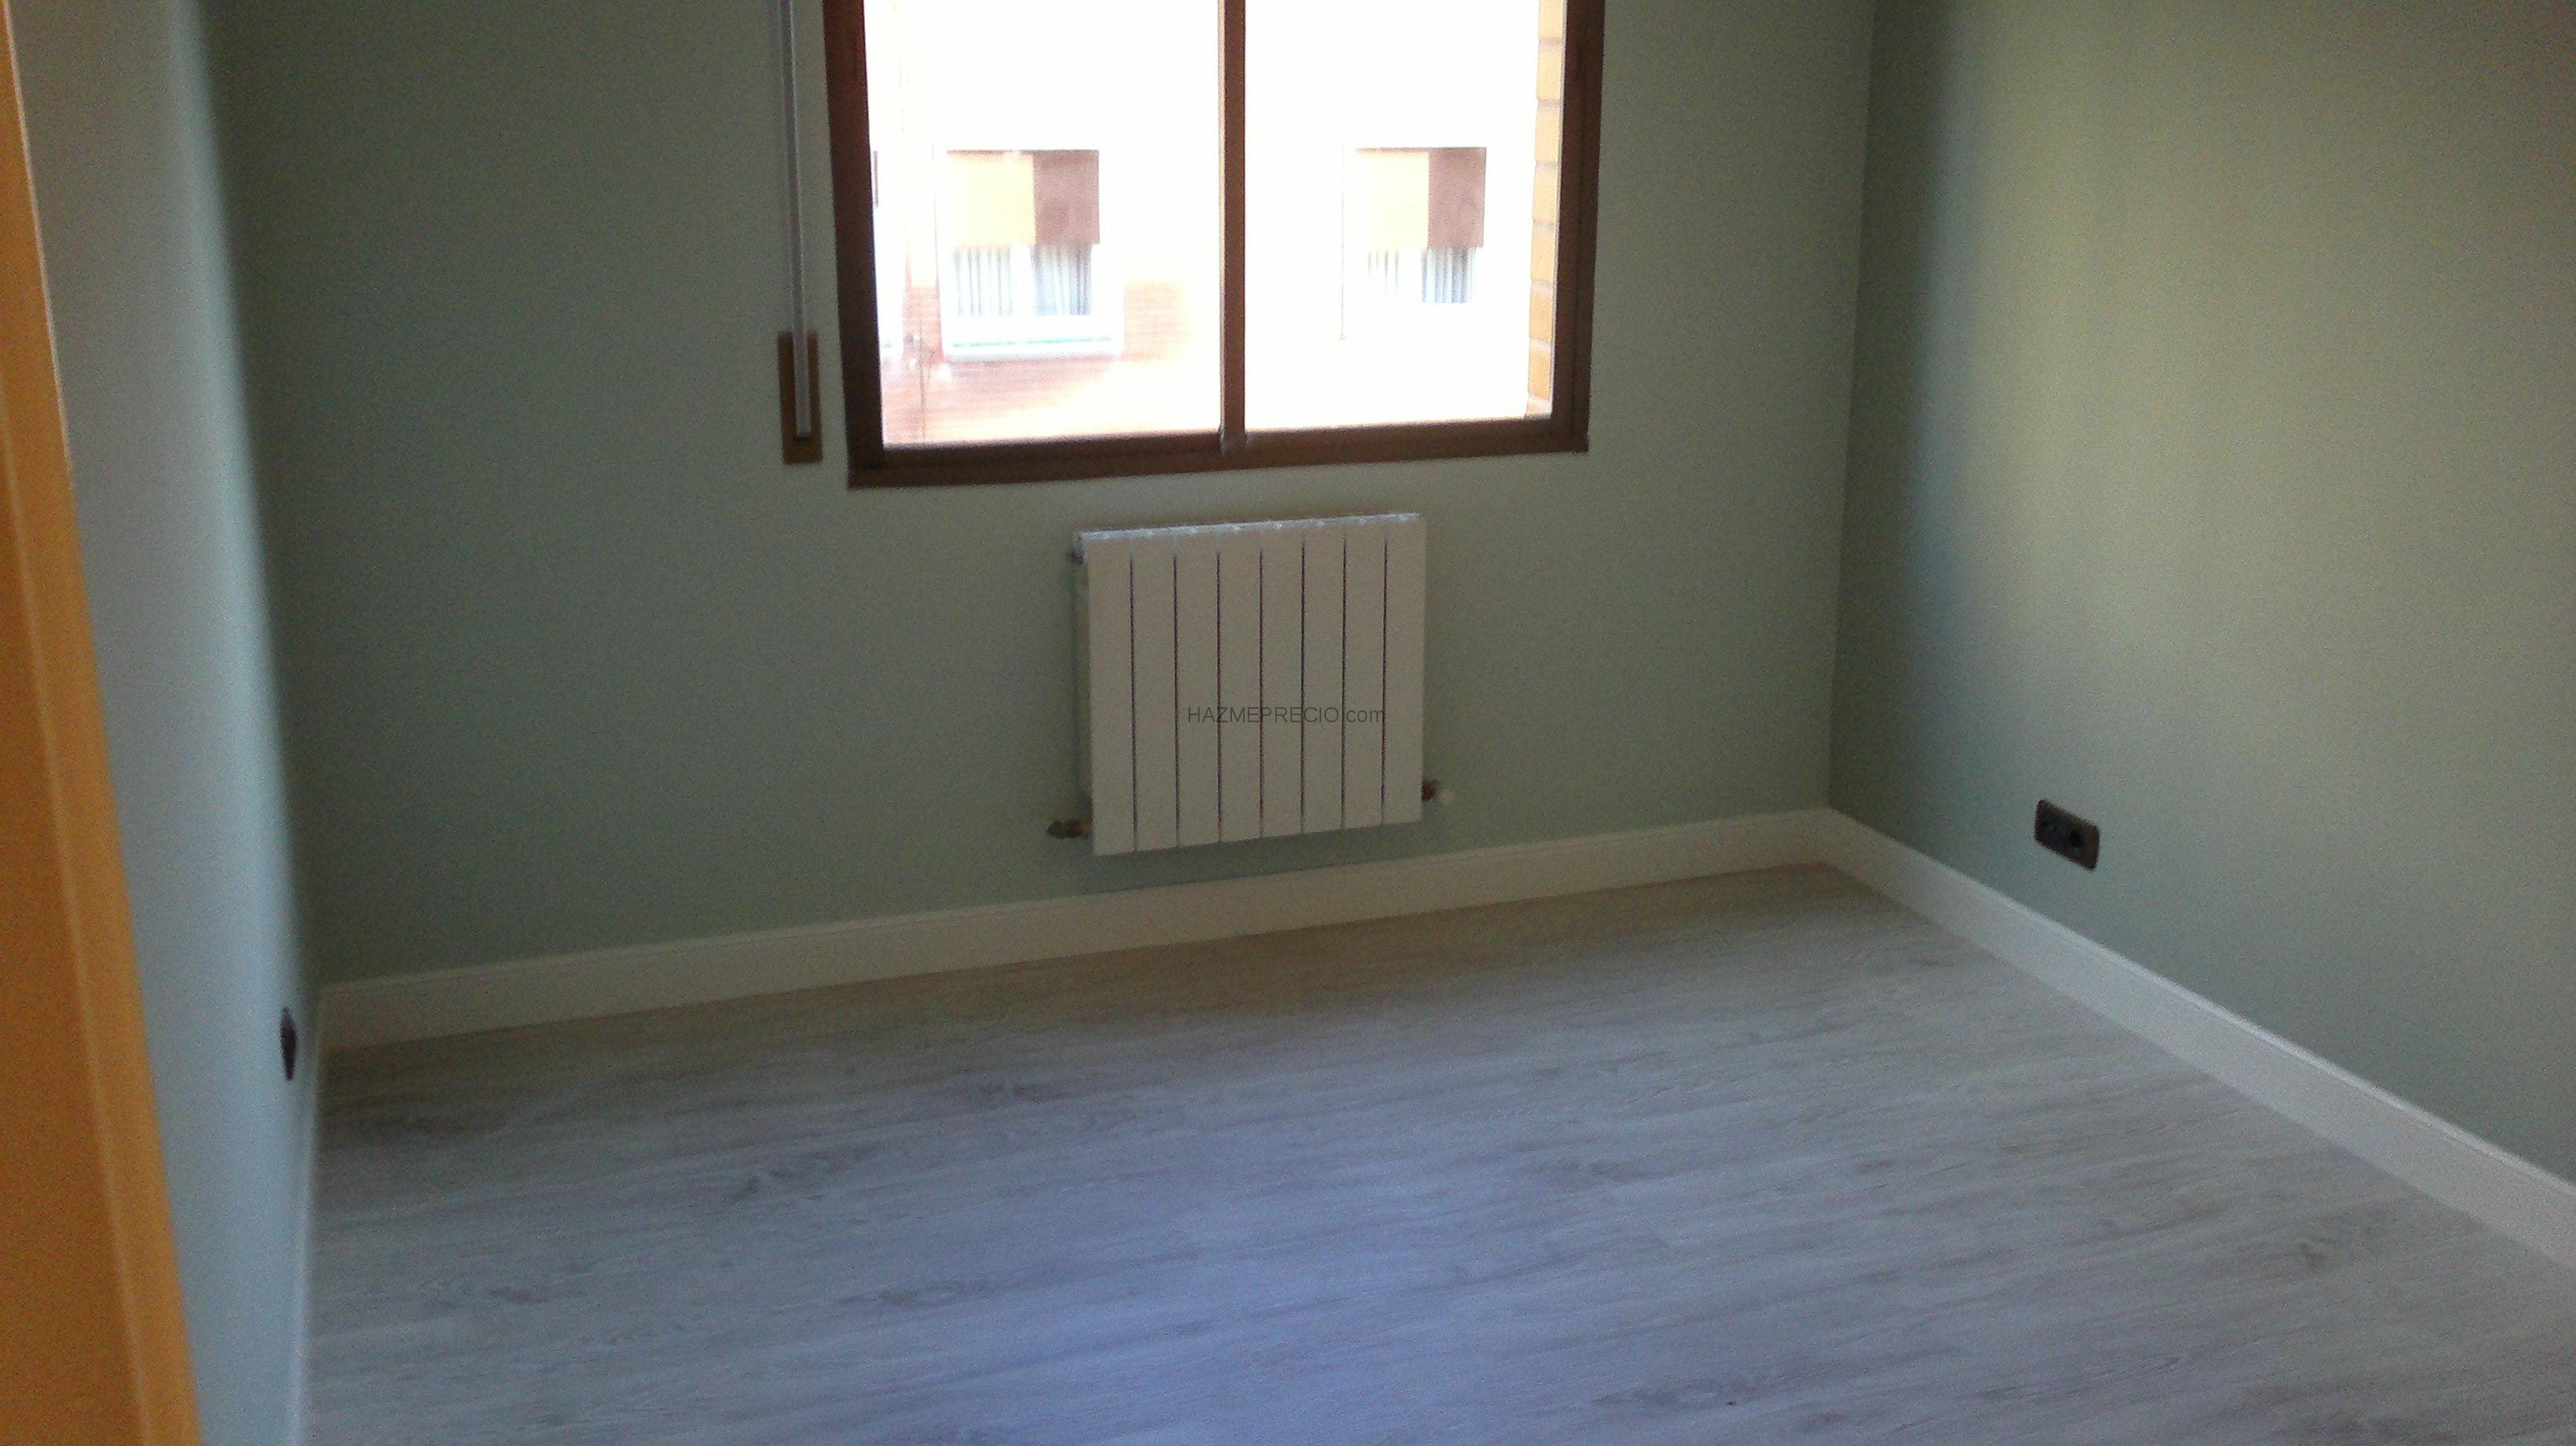 Presupuesto para reformar la cocina azulejos y suelo for Azulejos precios m2